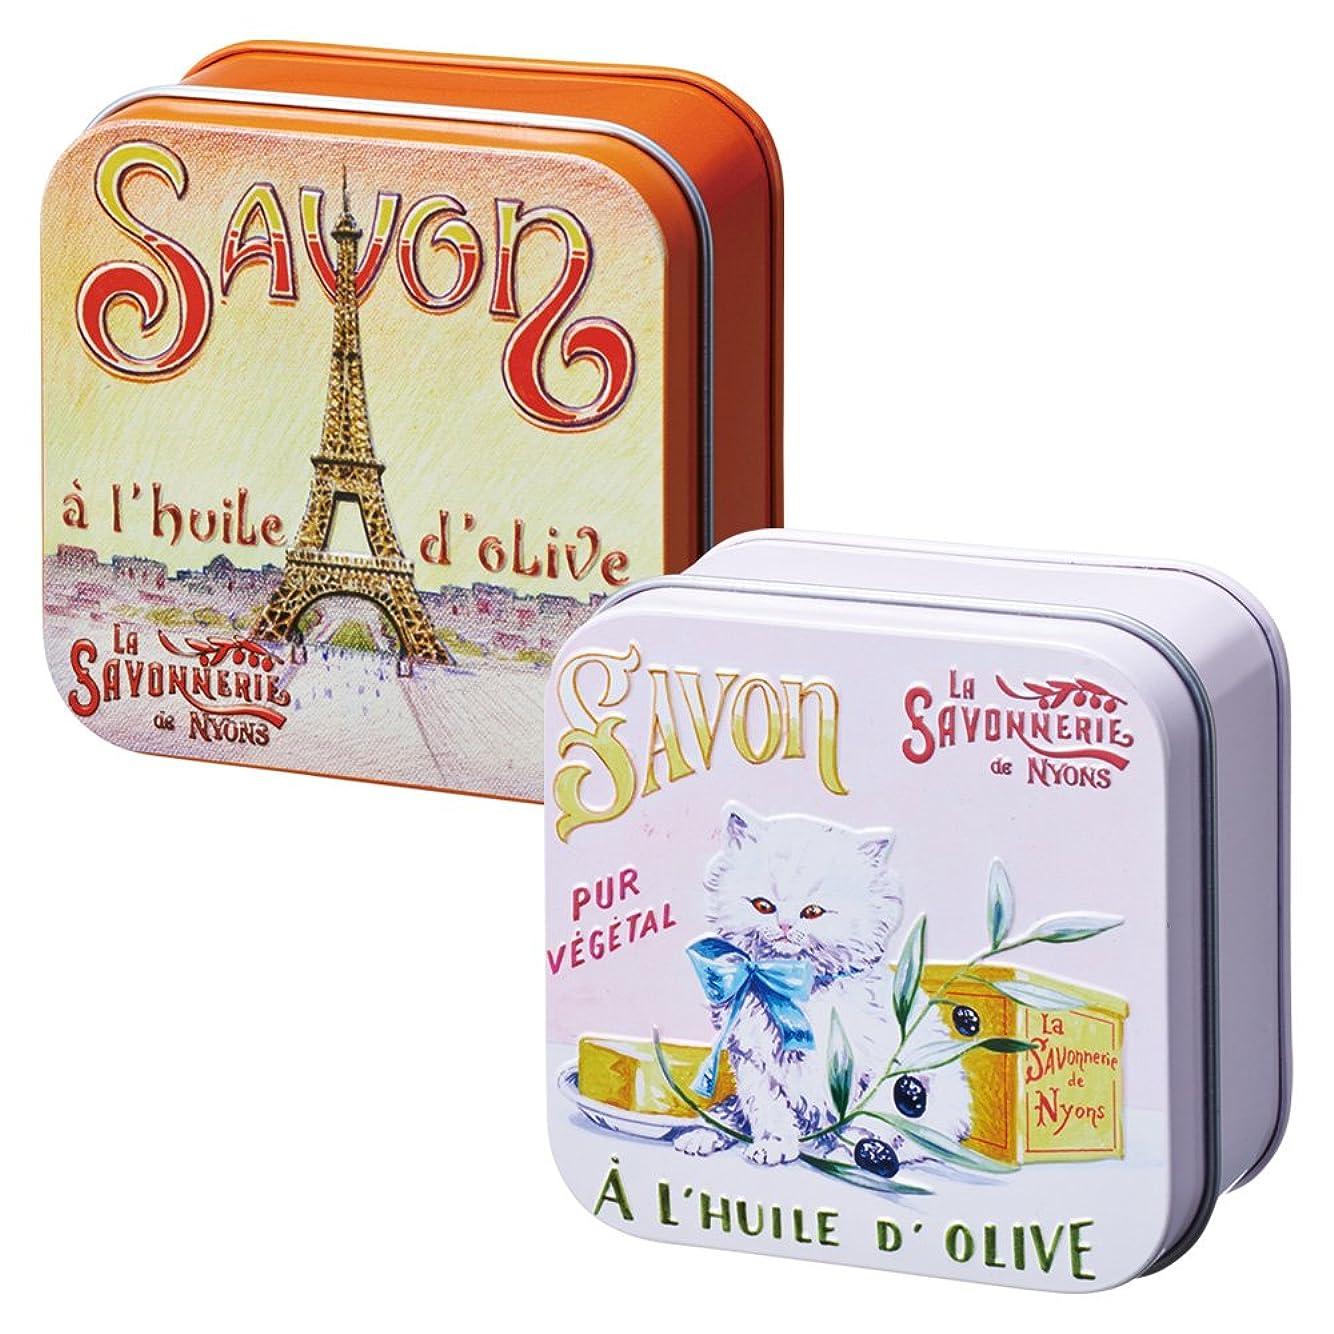 好色な素敵なエトナ山フランスお土産 ラ?サボネリー アンティーク缶入り石けん 2種セット(子猫&エッフェル塔)